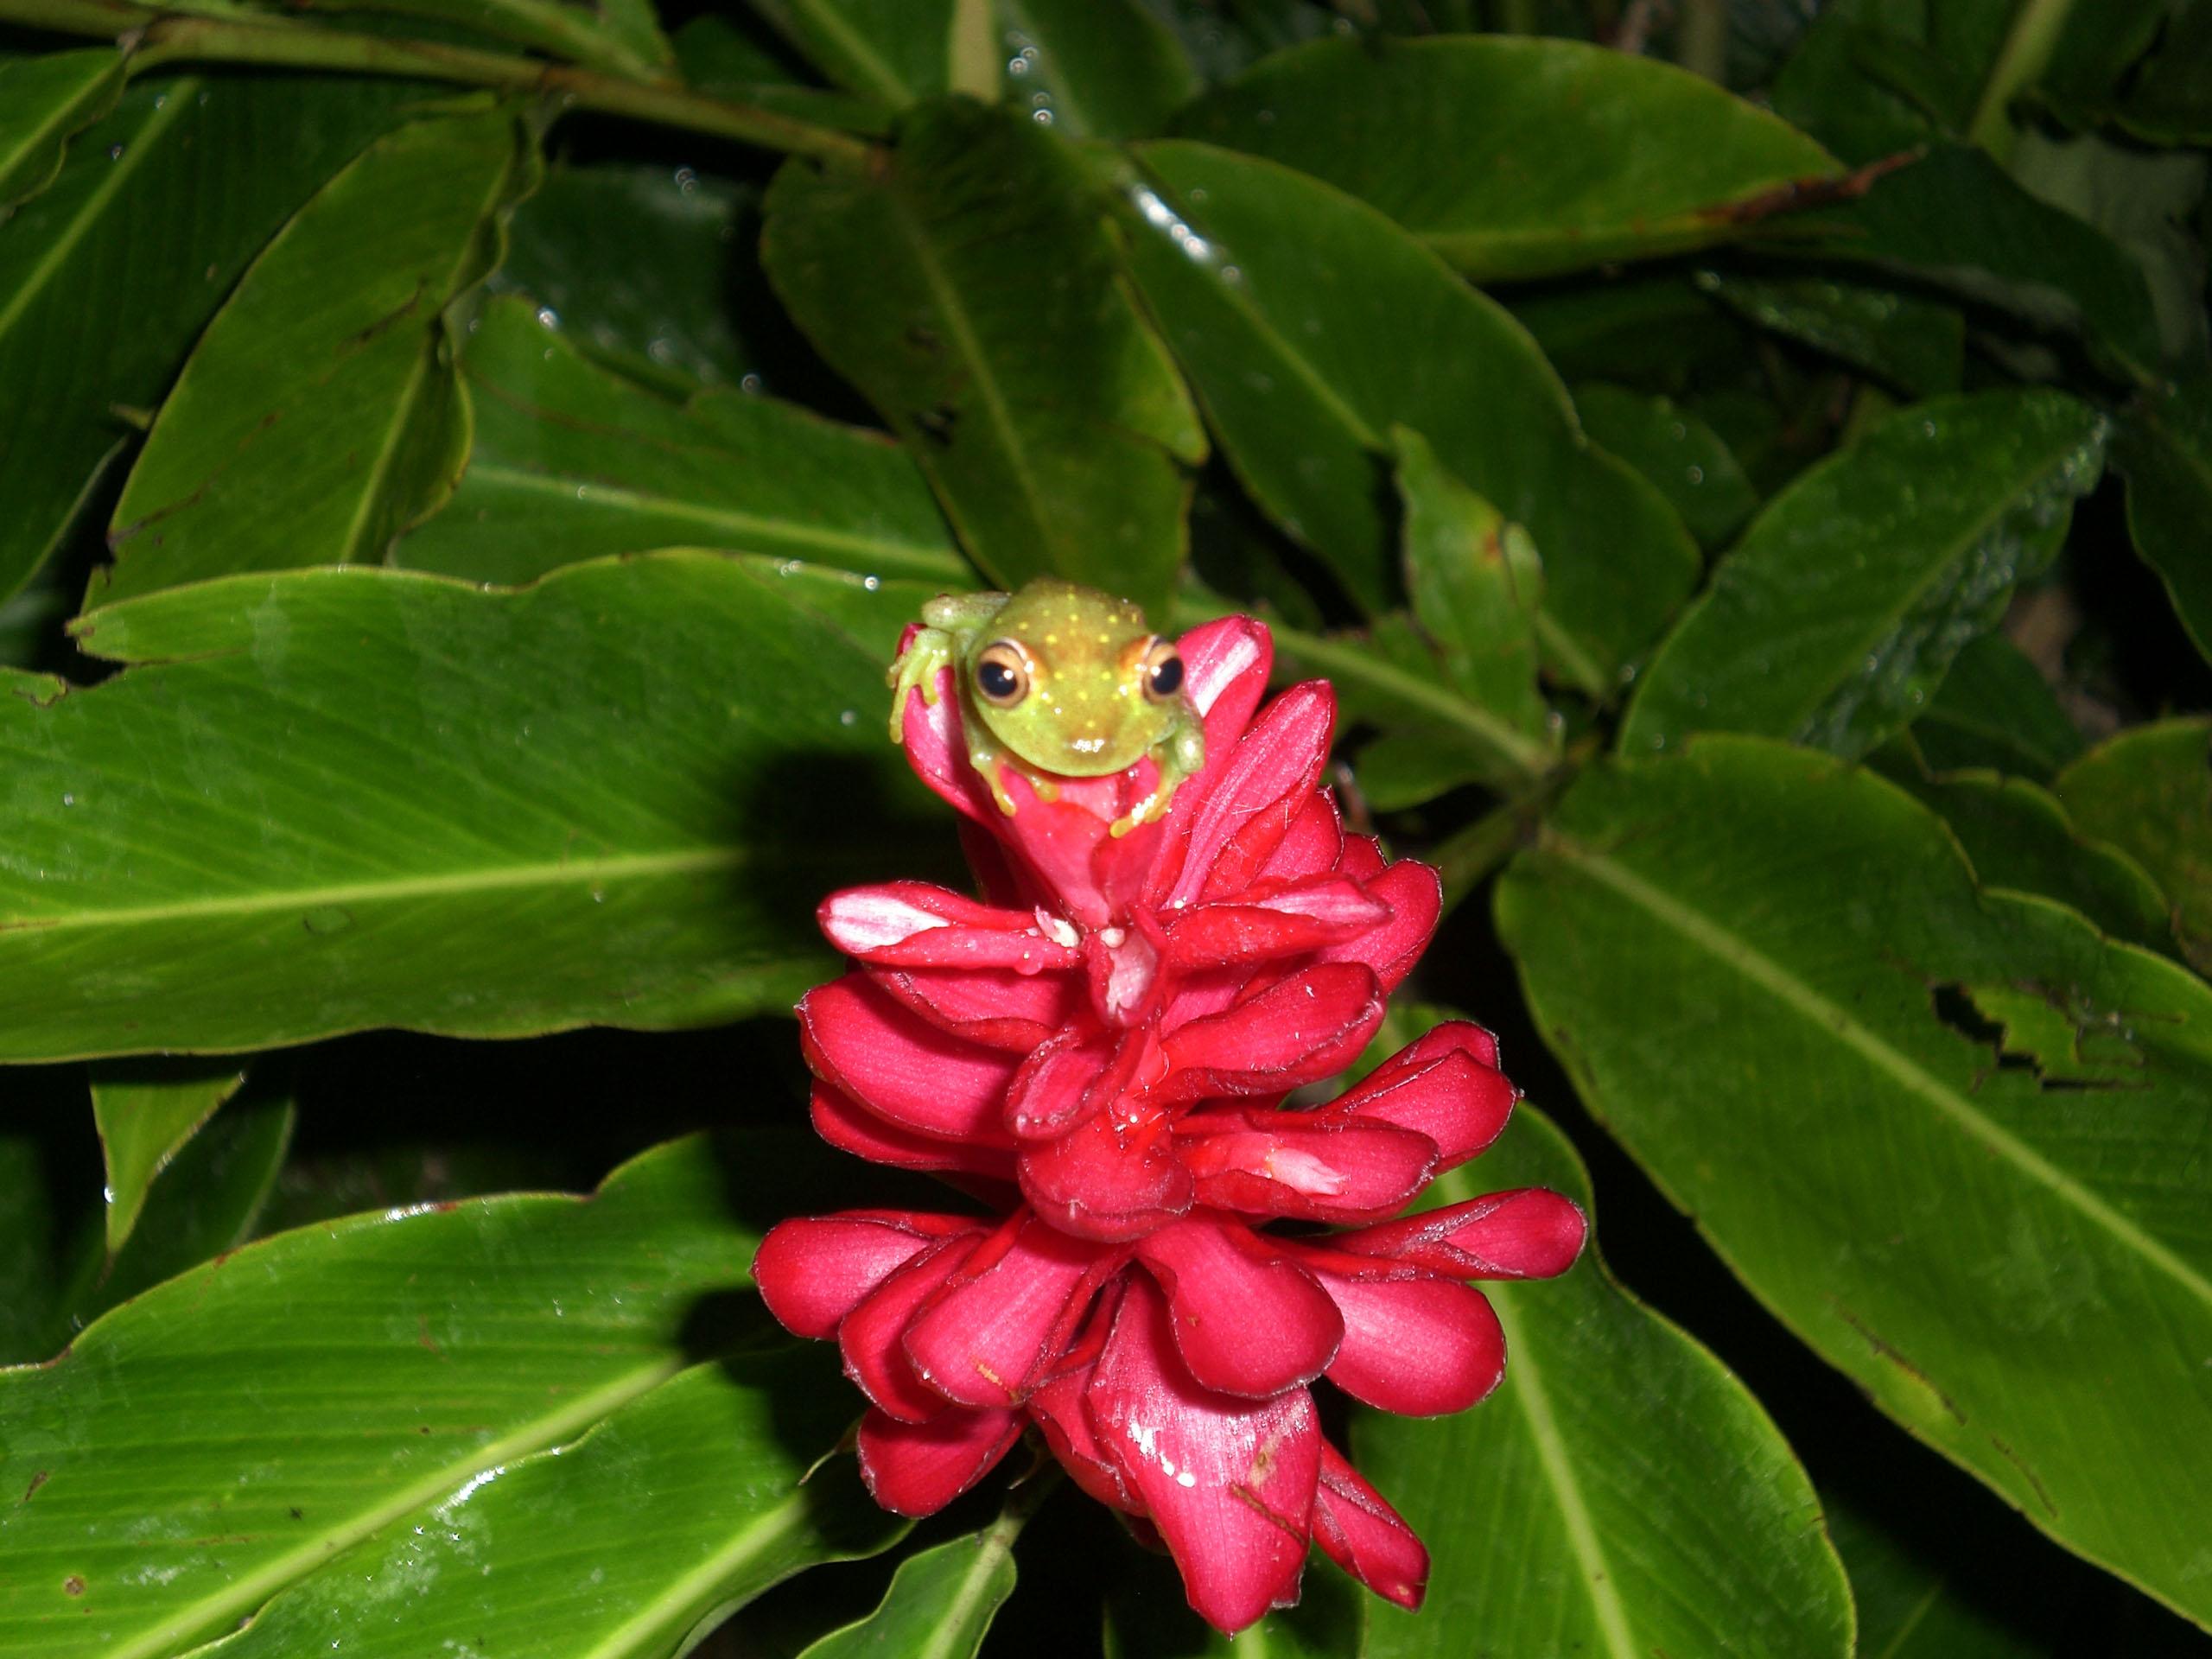 Phantastische Farben - Frosch auf einer Blüte im Dschungel